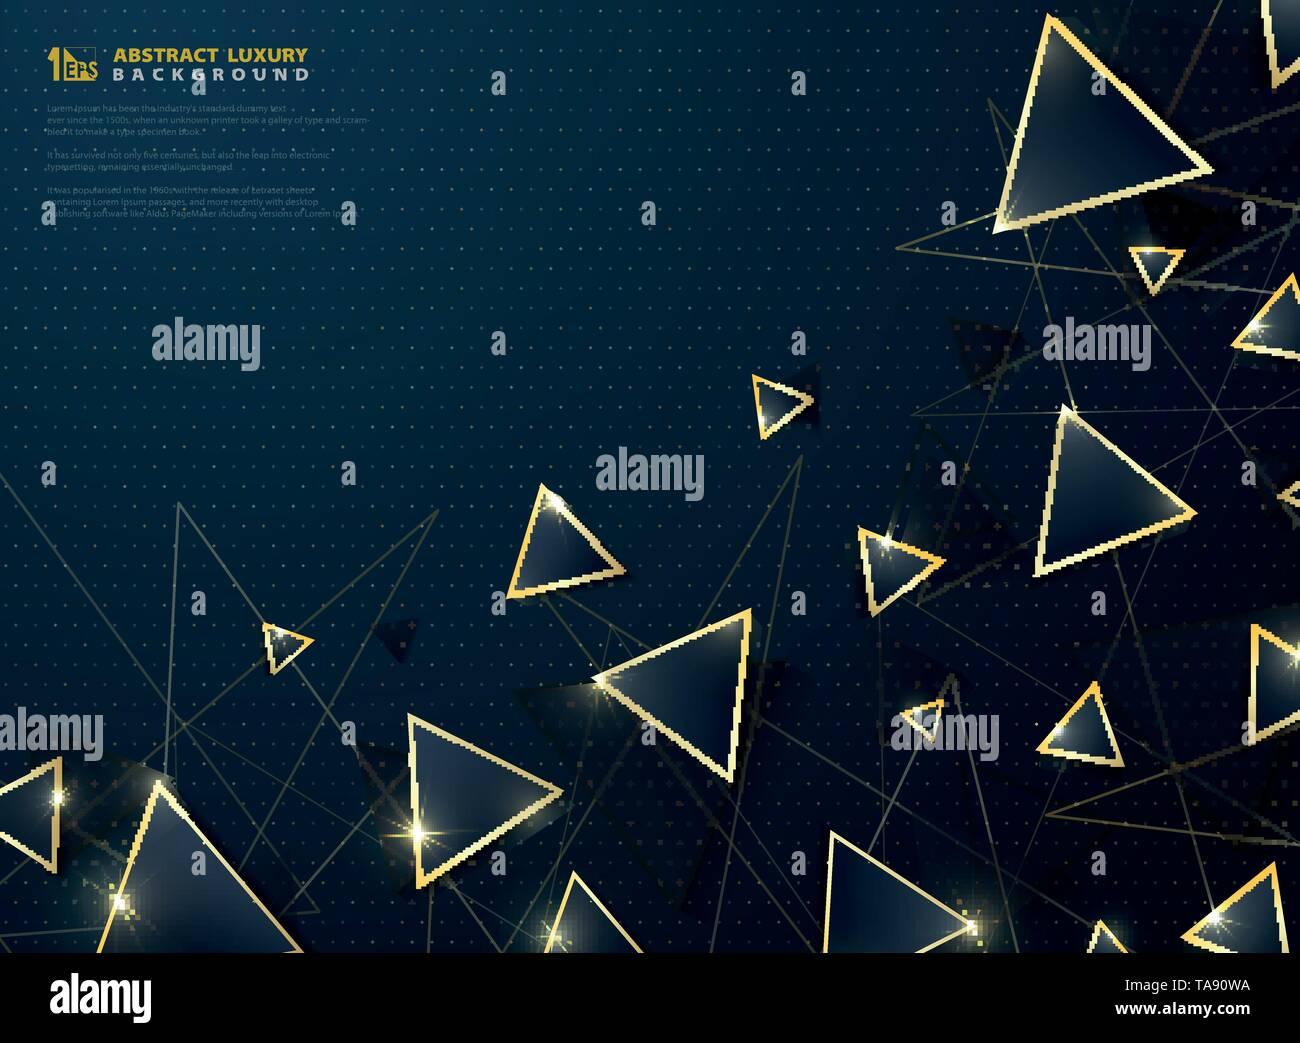 Lujo moderno abstracto triángulo azul con marco dorado decoración reluce el fondo. Diseño moderno para anuncios, carteles, diseño de portada, informe anual del vector. Imagen De Stock